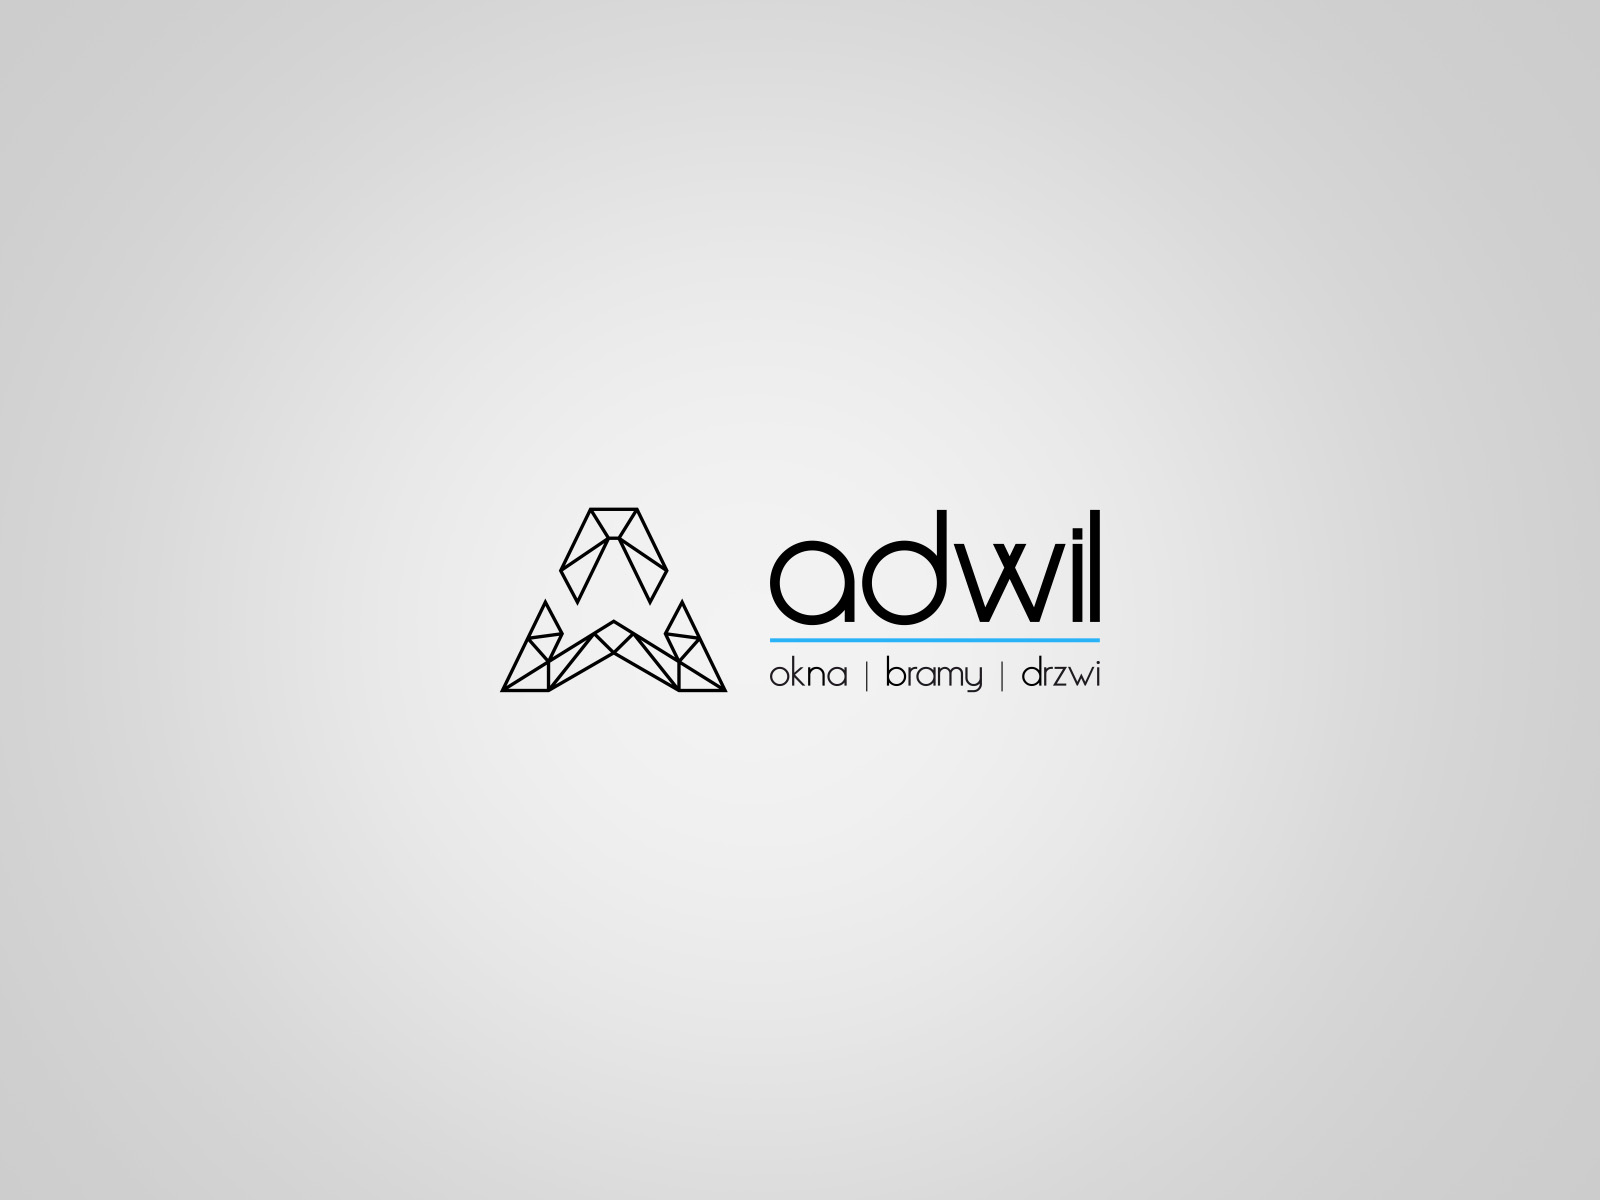 Projekt graficzny logo dla firmy Adwil